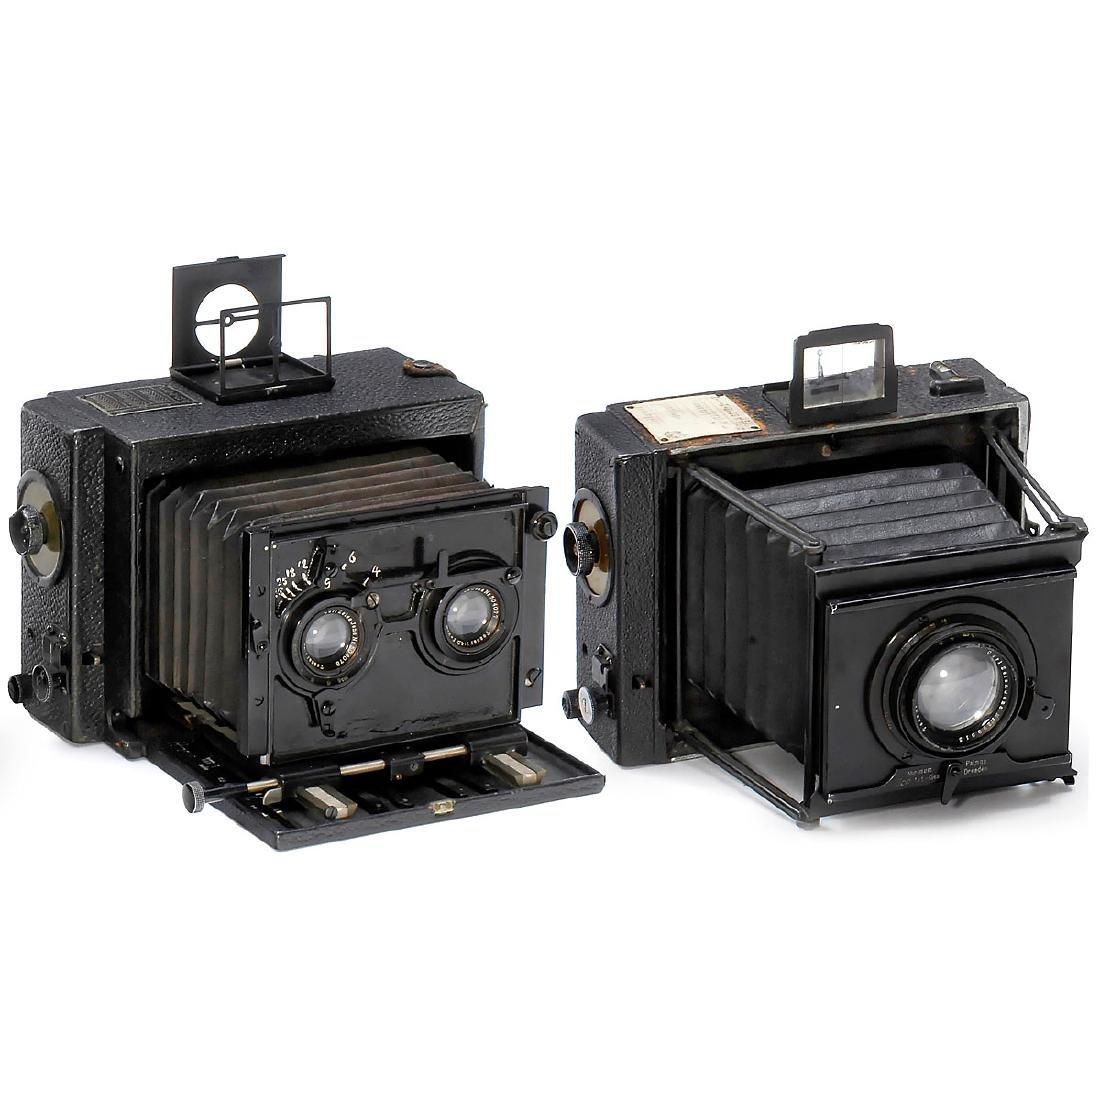 Ica Stereo Minimum-Palmos and Minimum-Palmos